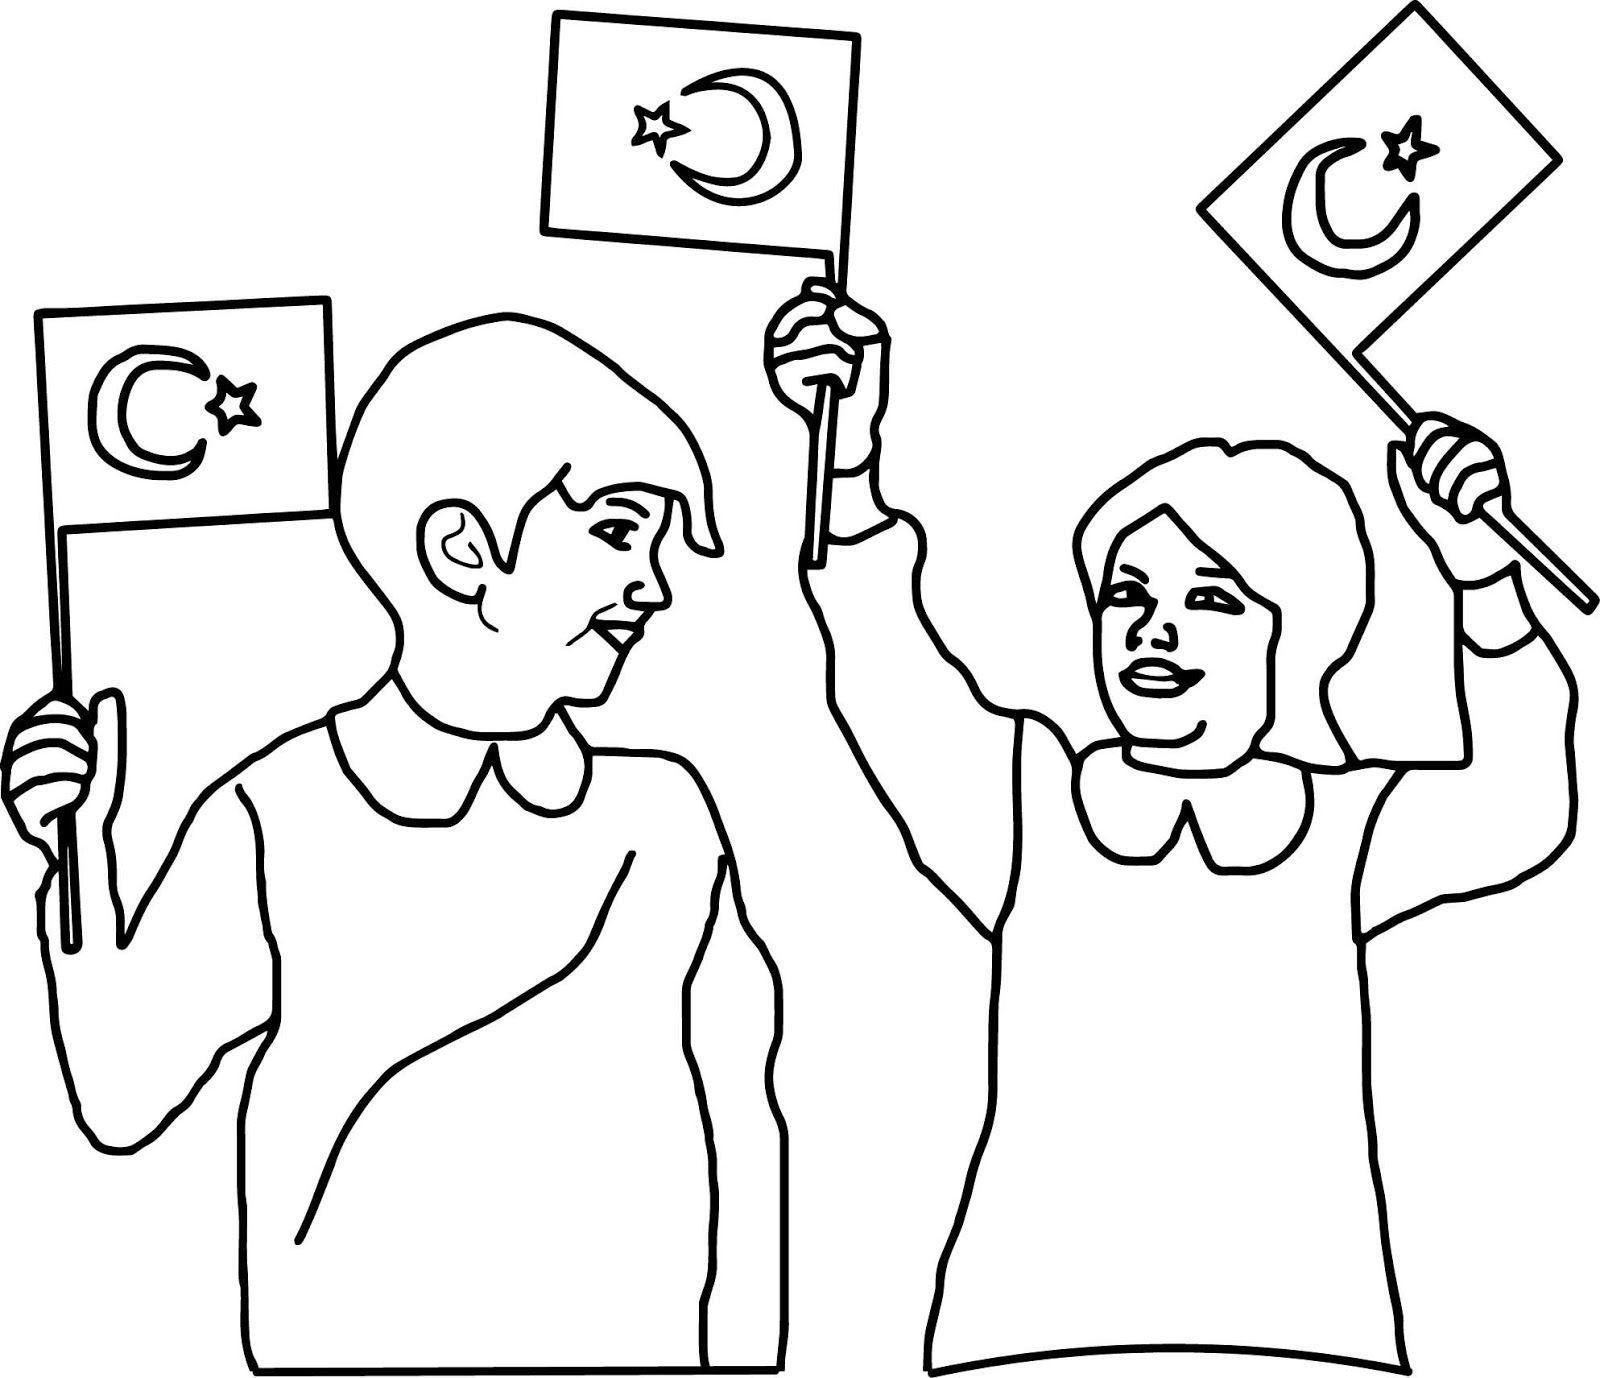 Türk Bayrağı Boyama Kağıdı çalışması Türk Bayrağı Resimleri Guns